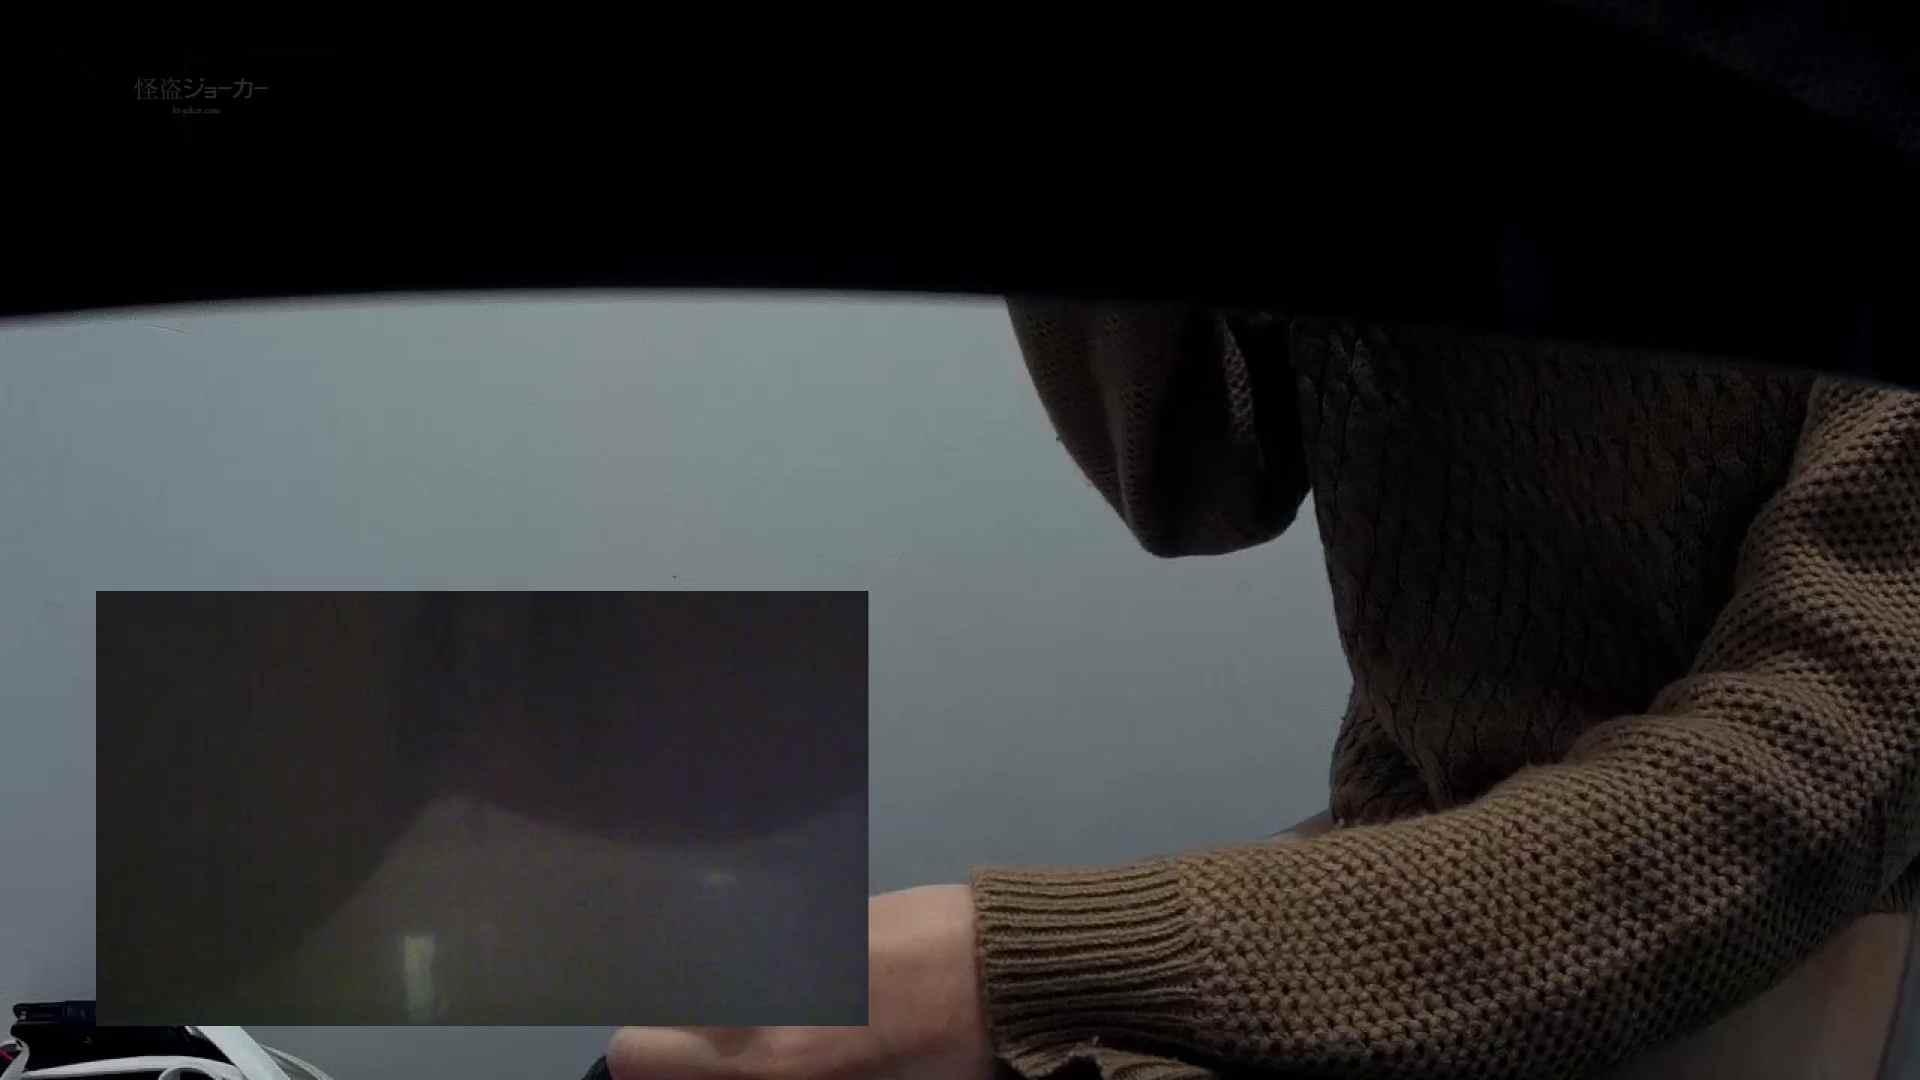 有名大学女性洗面所 vol.54 設置撮影最高峰!! 3視点でじっくり観察 投稿 のぞき動画画像 97pic 35